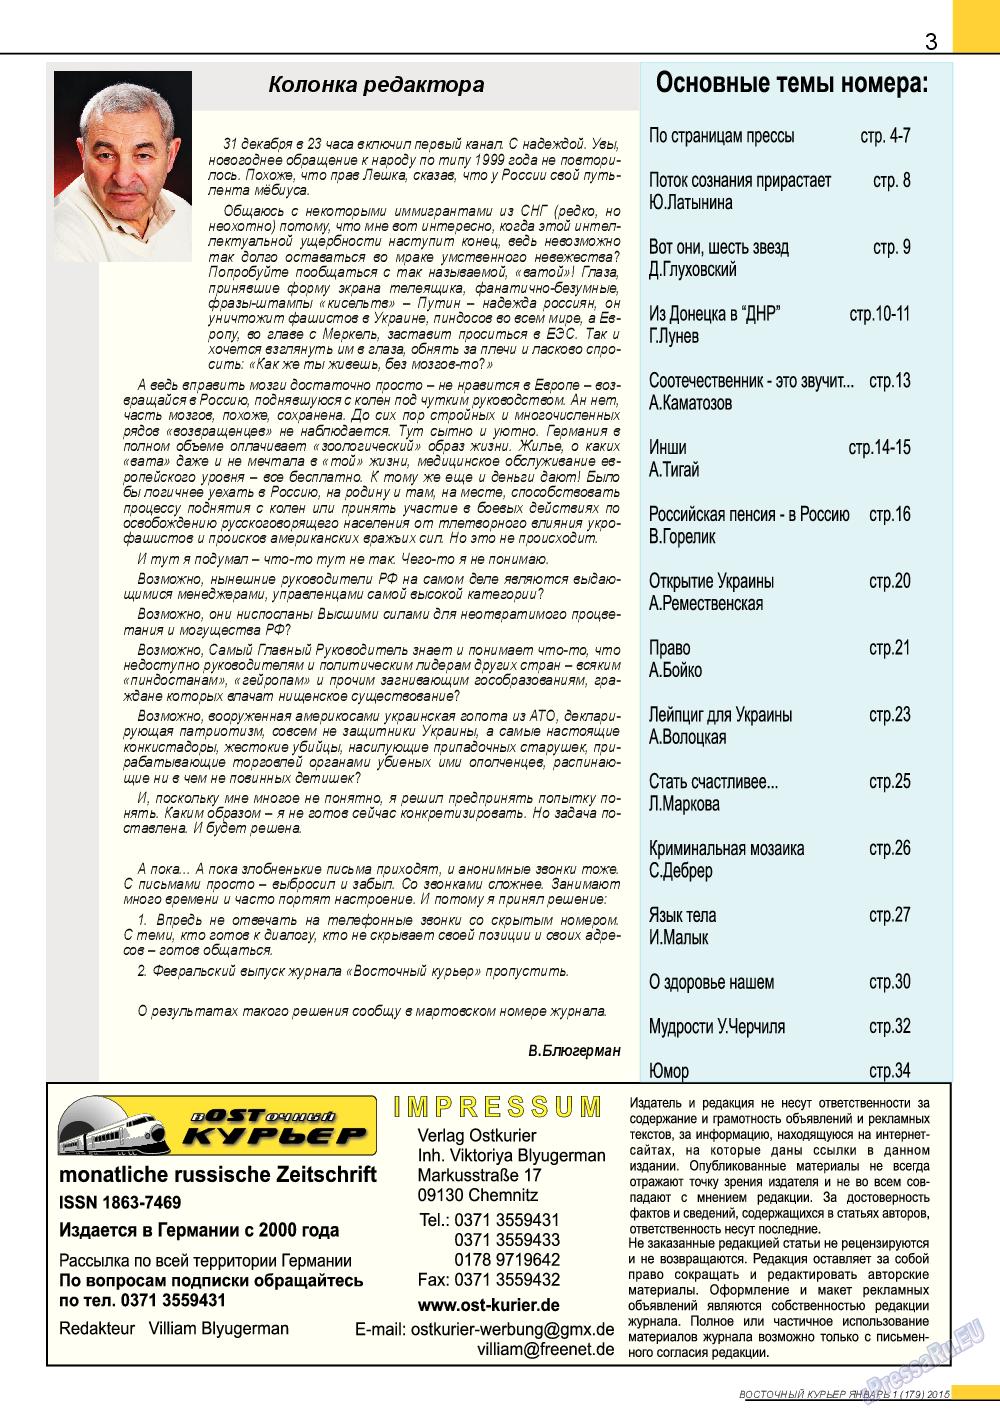 Восточный курьер (журнал). 2015 год, номер 1, стр. 3